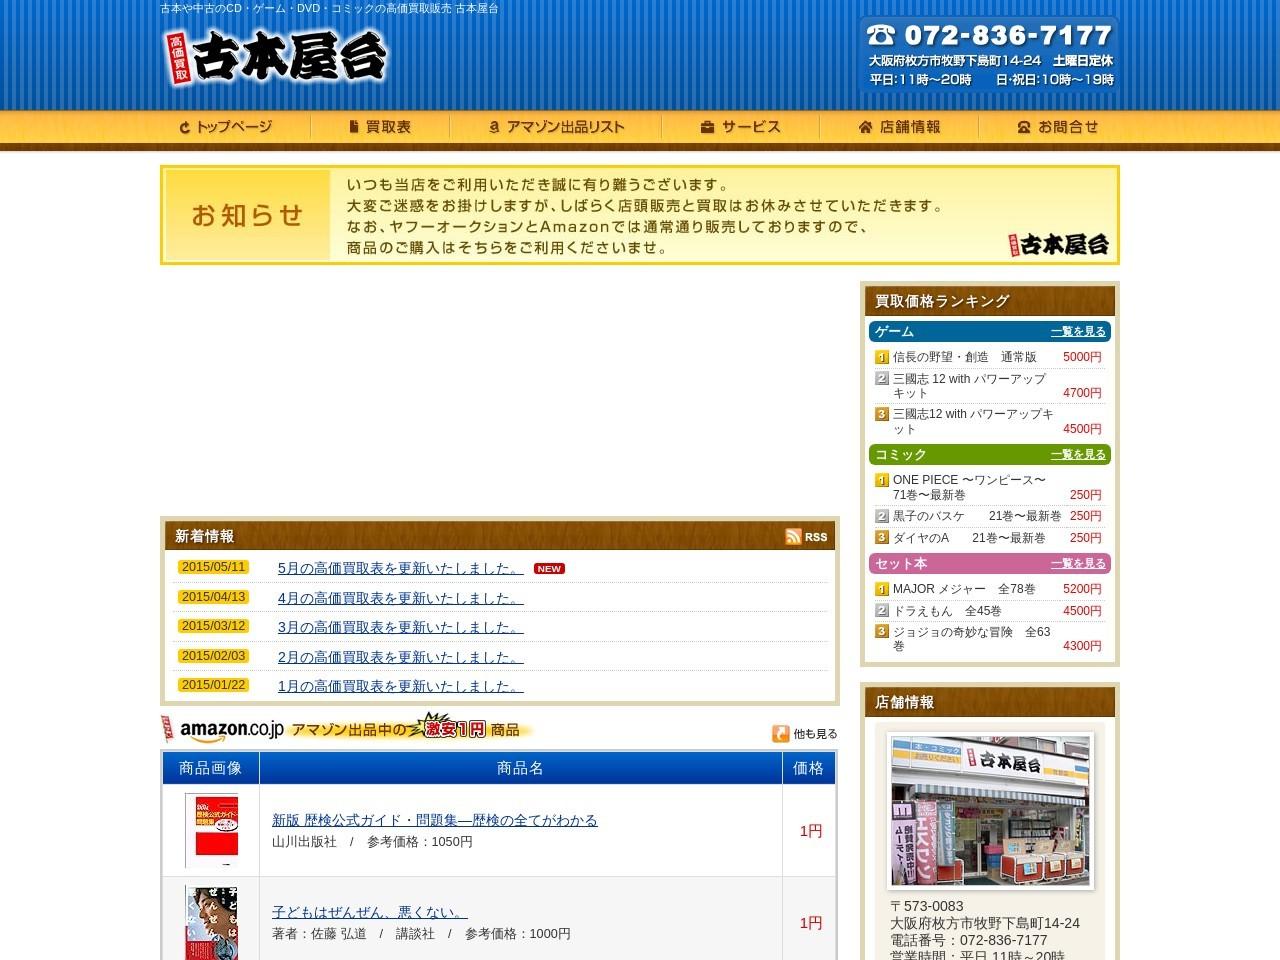 【古本屋台】ゲーム・コミック・CD・DVD中古買取販売